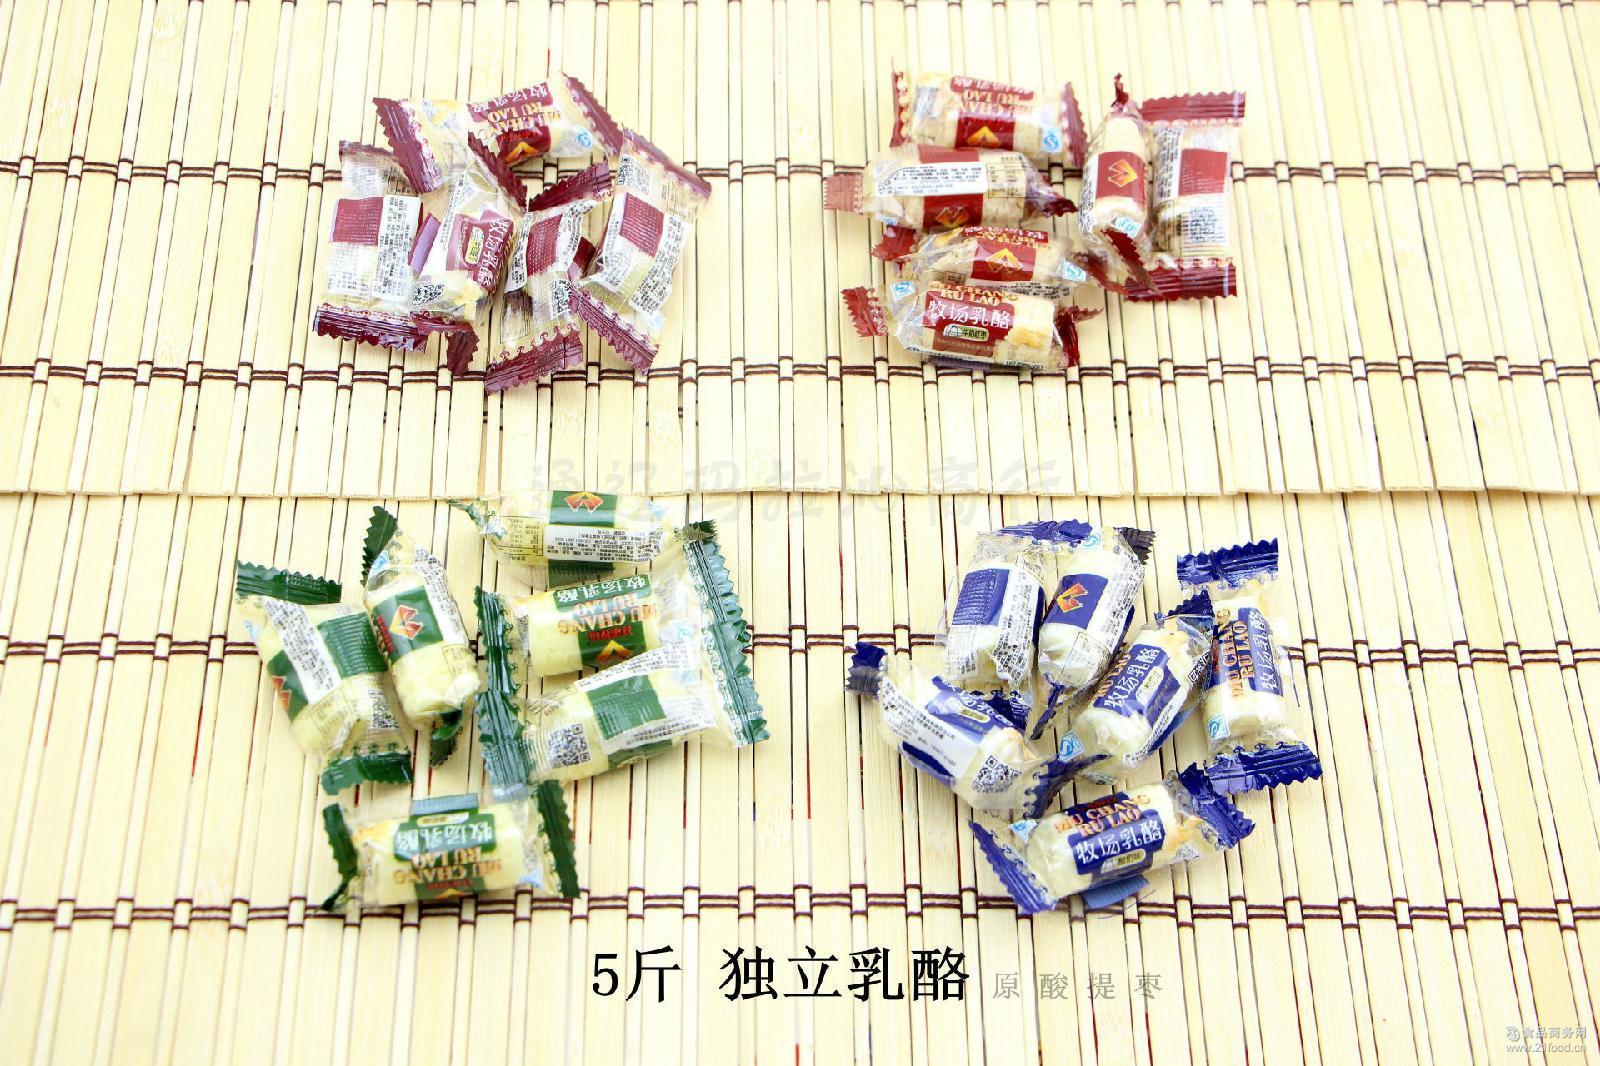 5斤独立奶酪奶干北国情祥禾牧场乳酪内蒙古休闲零食特产奶制品